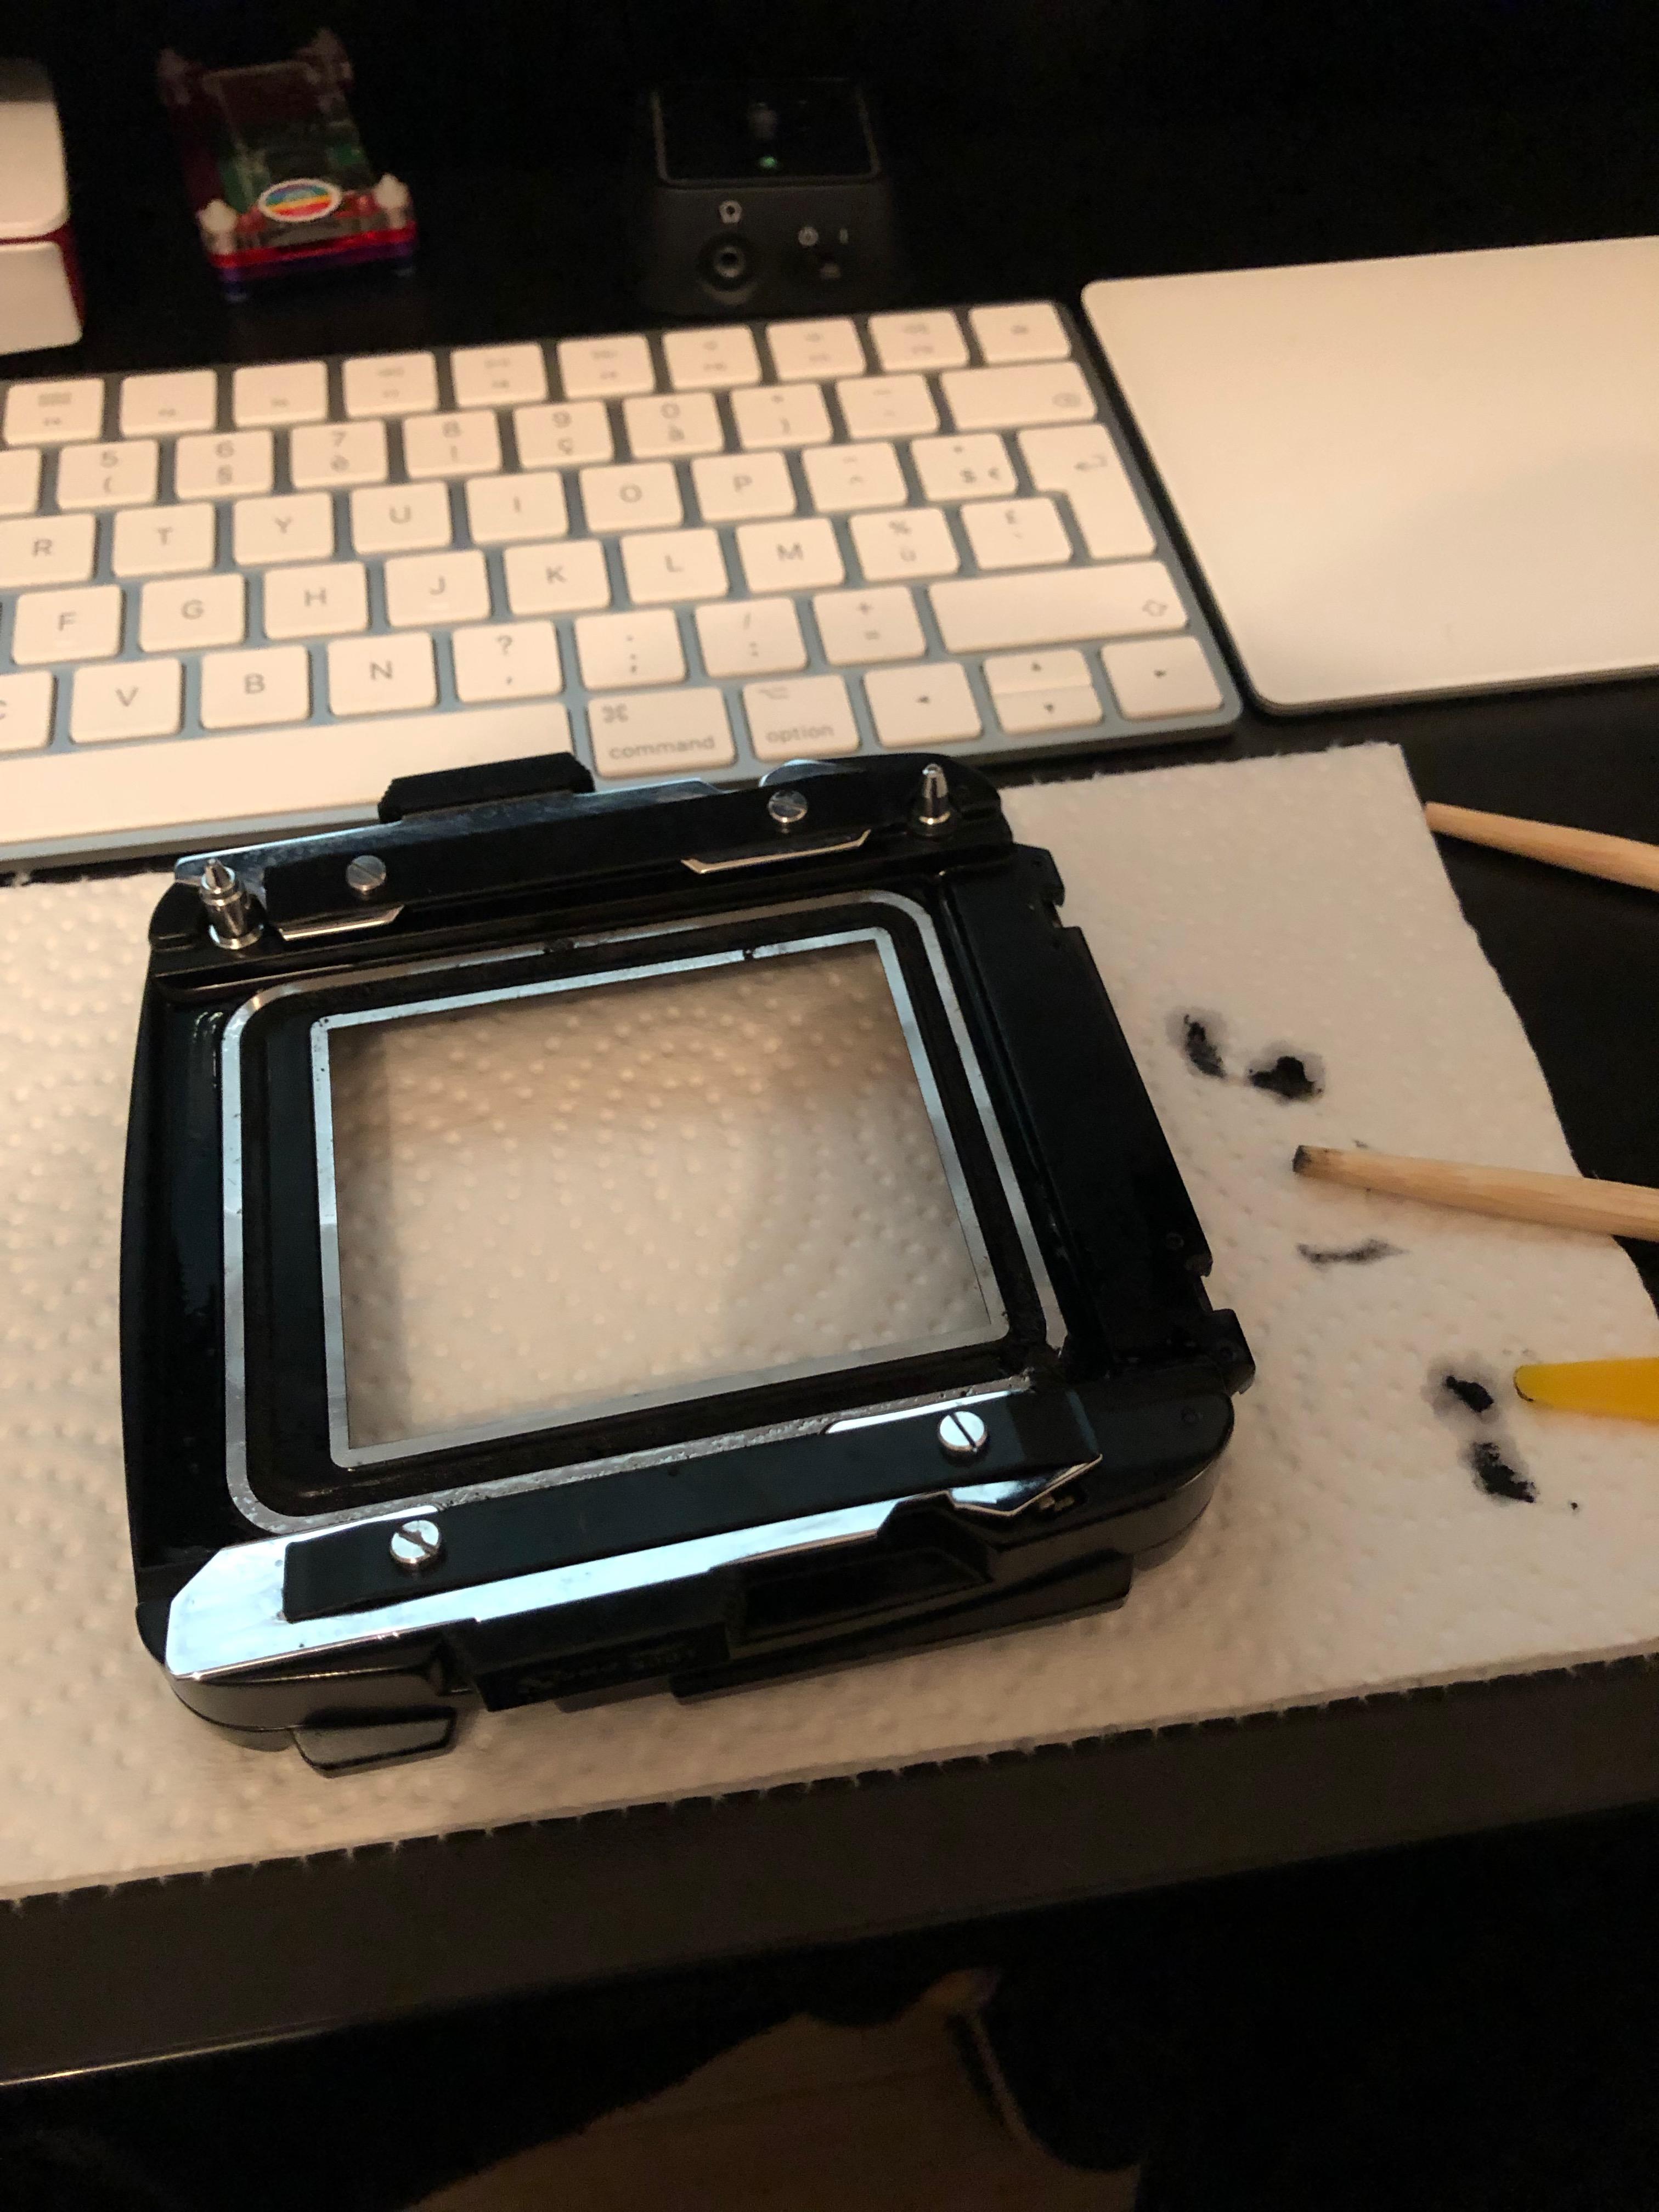 mamiya-rb67-restoration-medium-format-camera-light-seals-leather-158